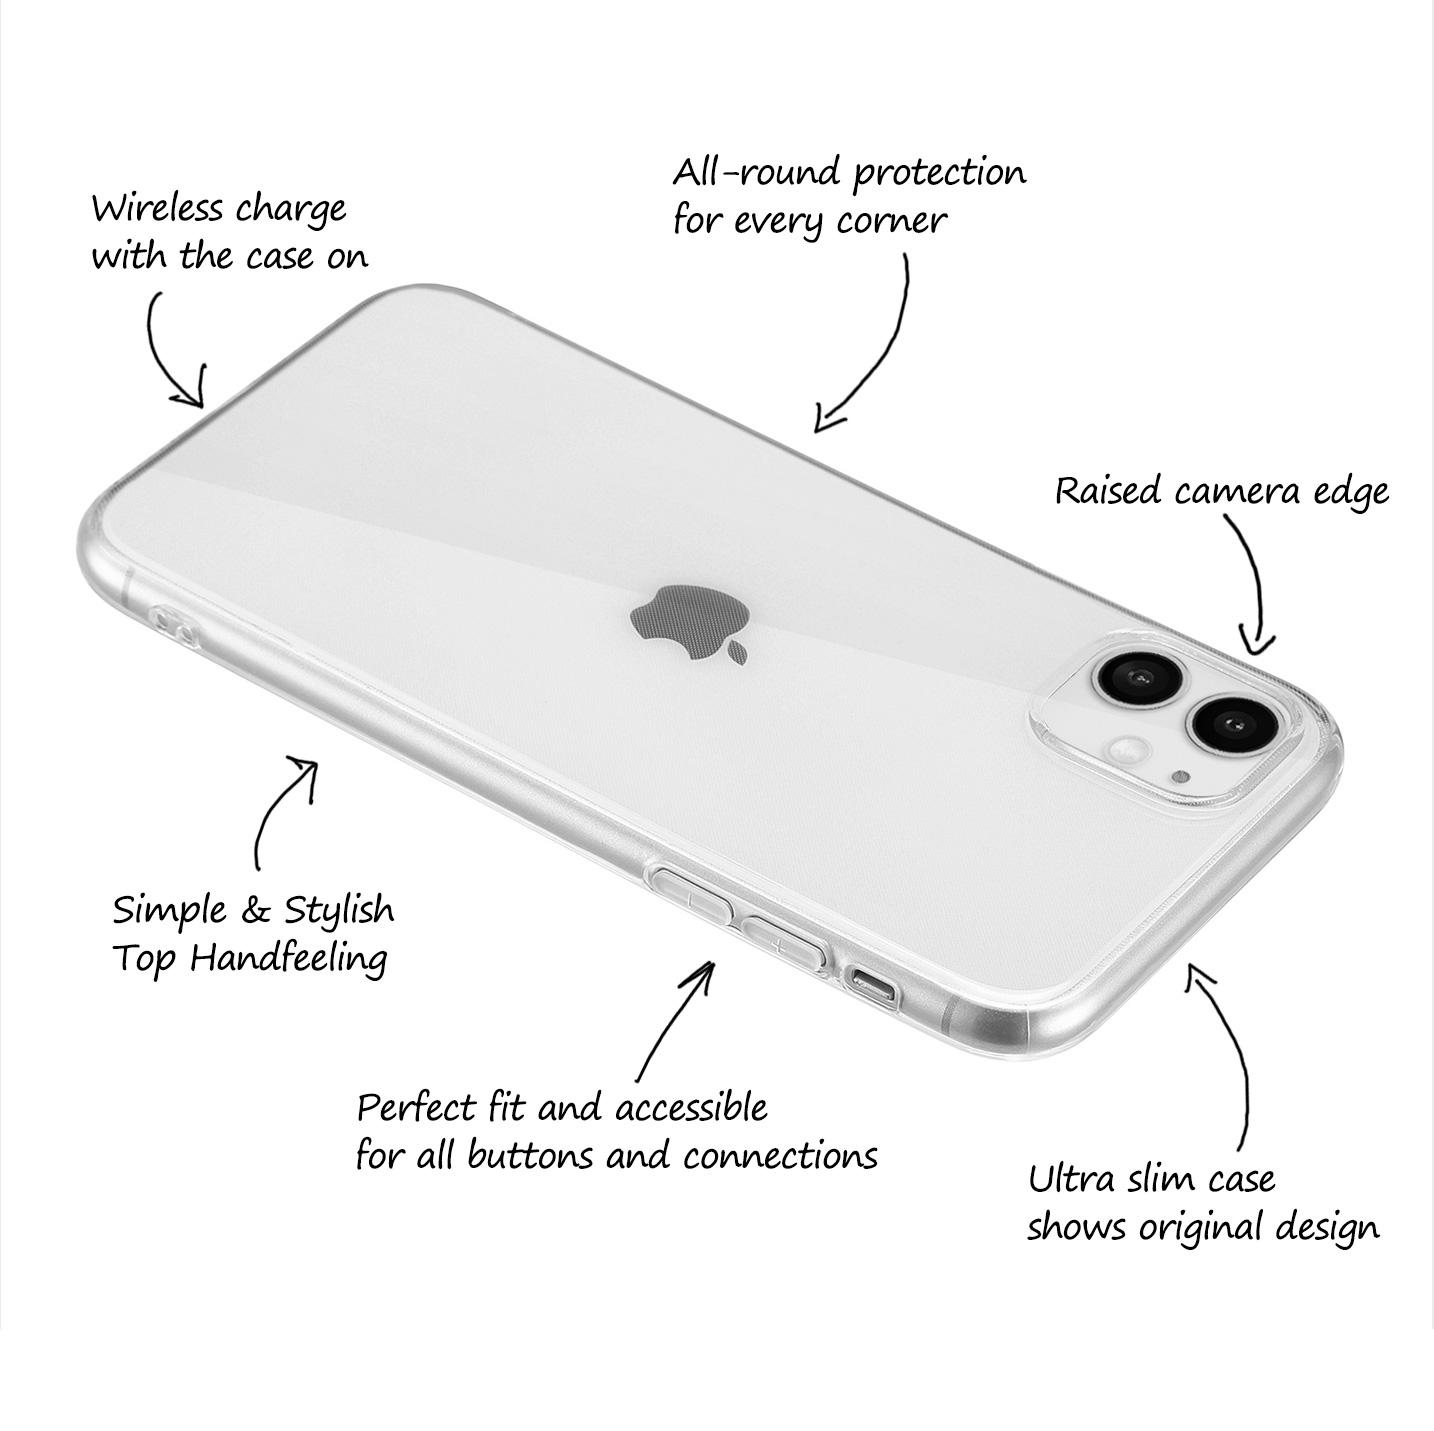 Ultra-Slim-Case-iPhone-11-6-1-034-Matt-Clear-Schutz-Huelle-Skin-Cover-Tasche-Folie Indexbild 50